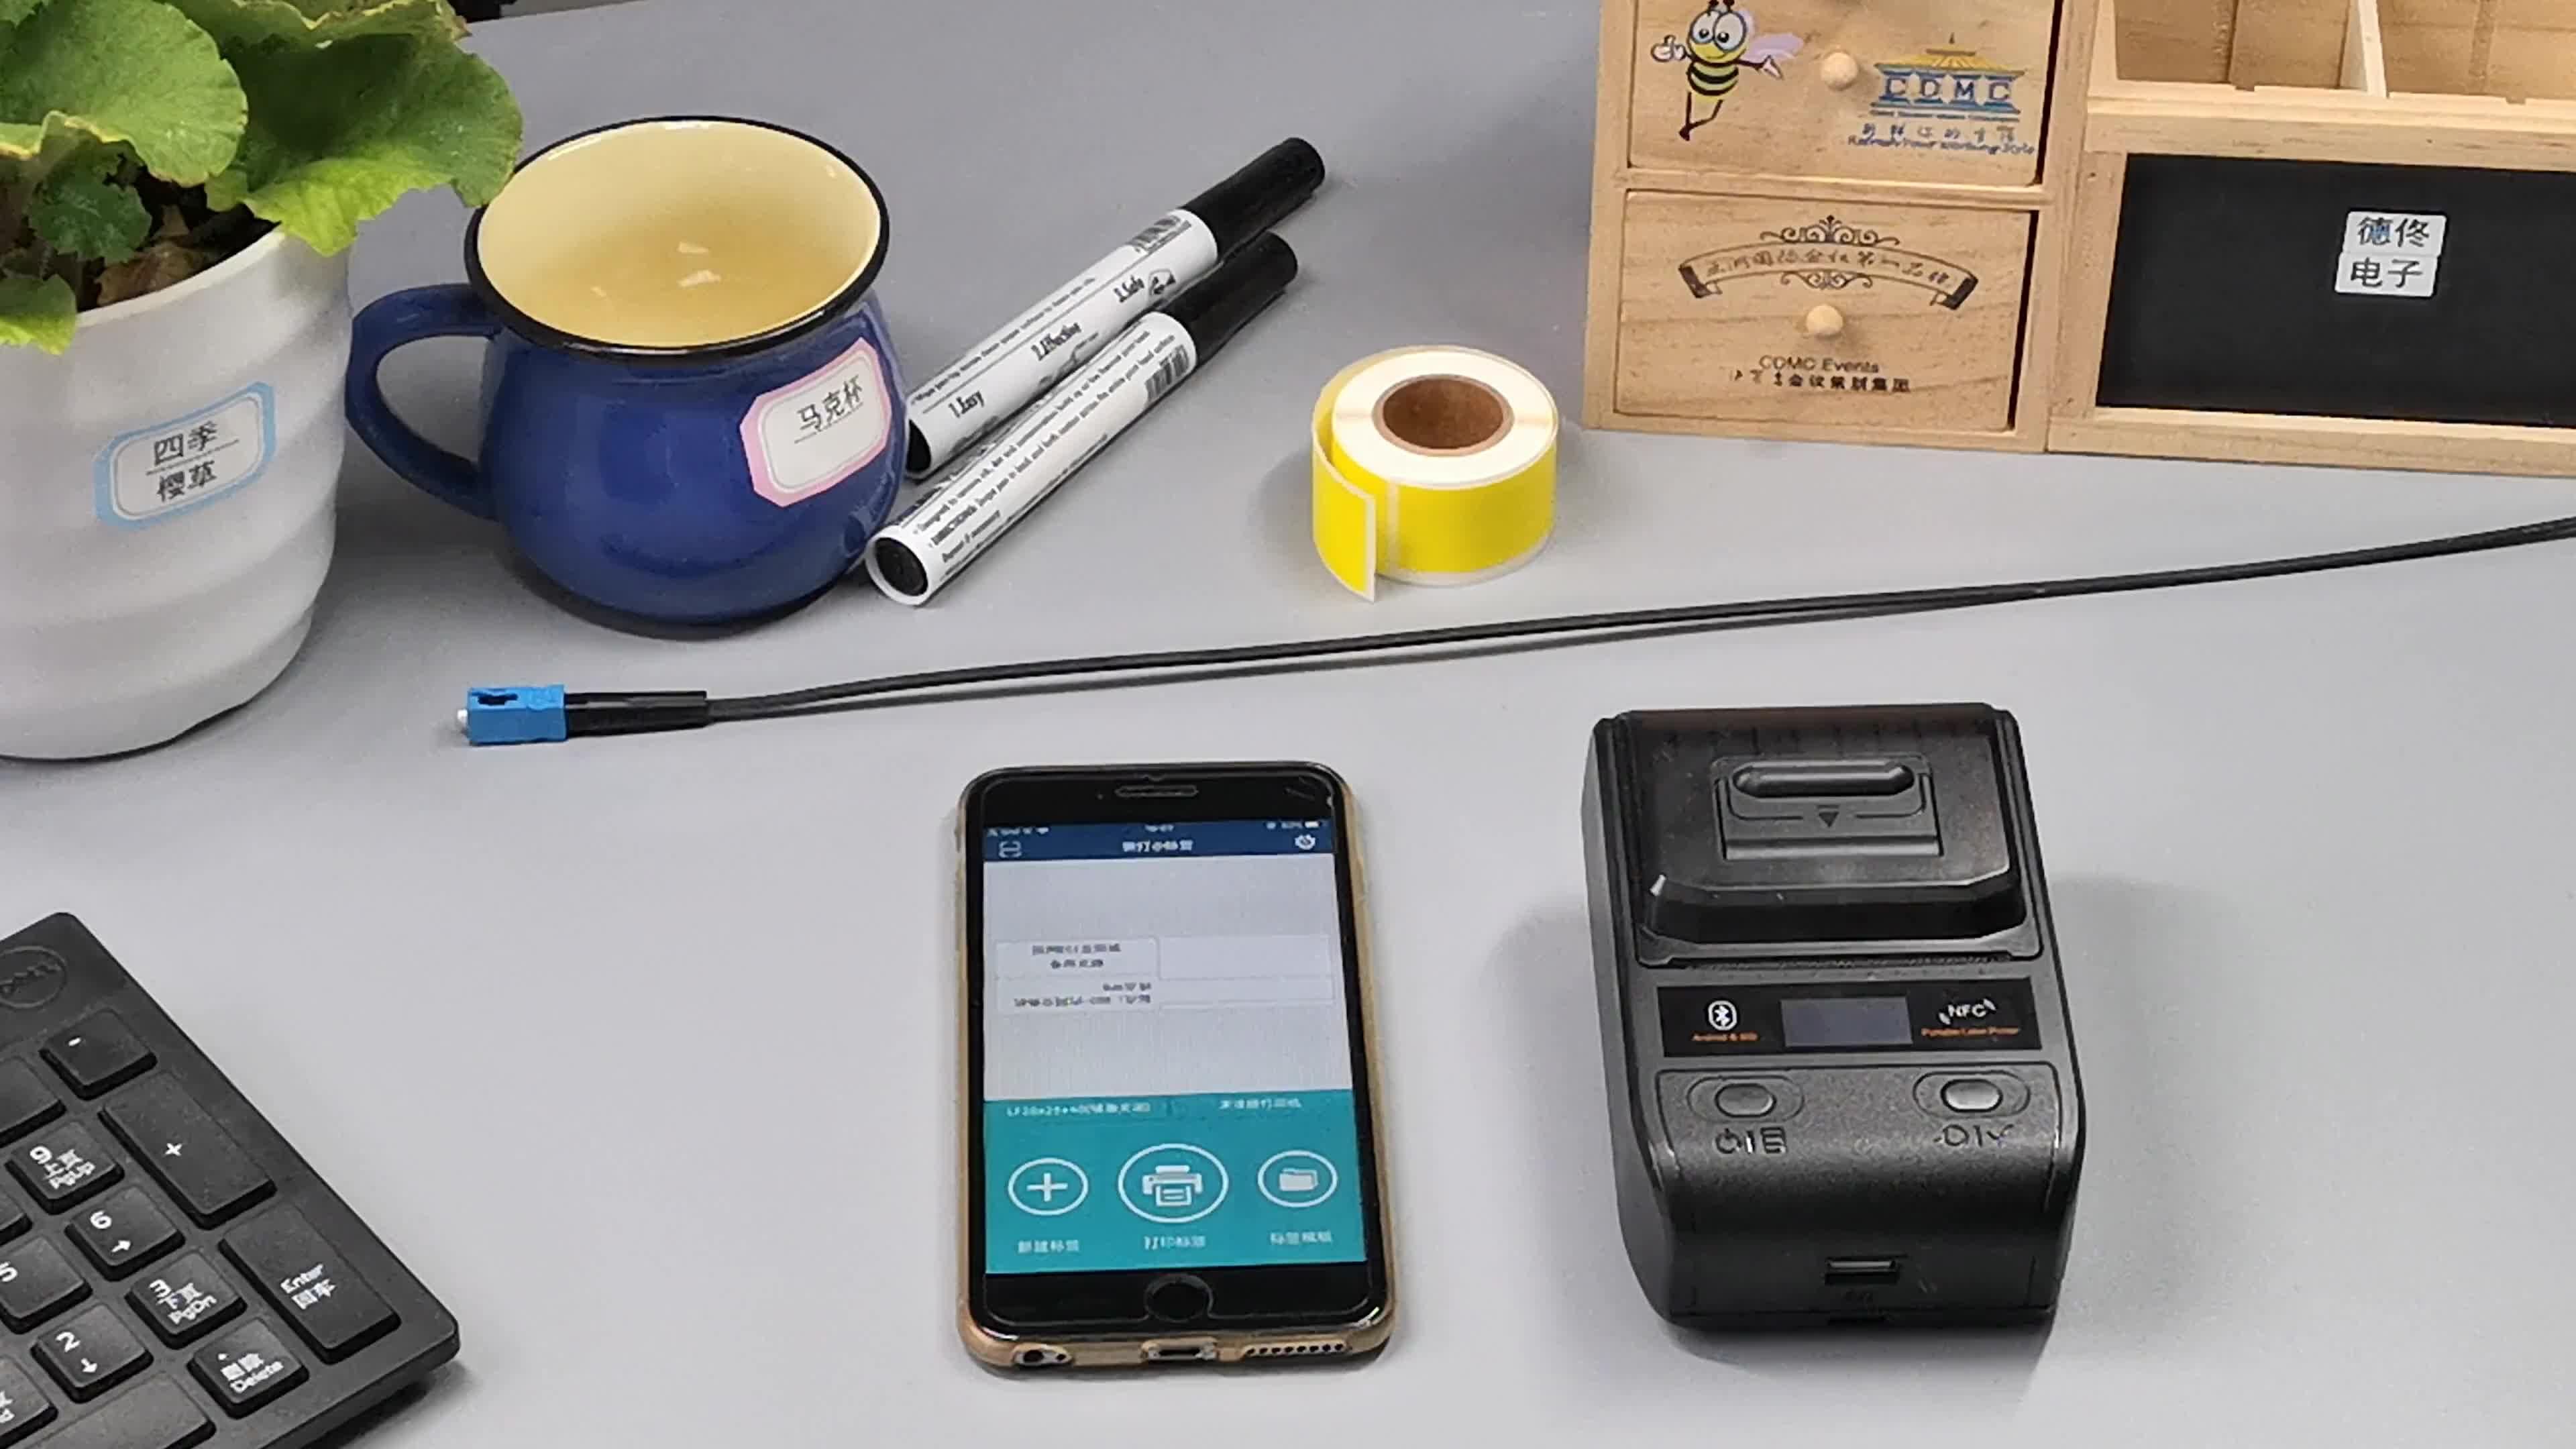 DeTonger DP23S cabo marcação para fibra opthic cabo ID etiqueta de papel térmico